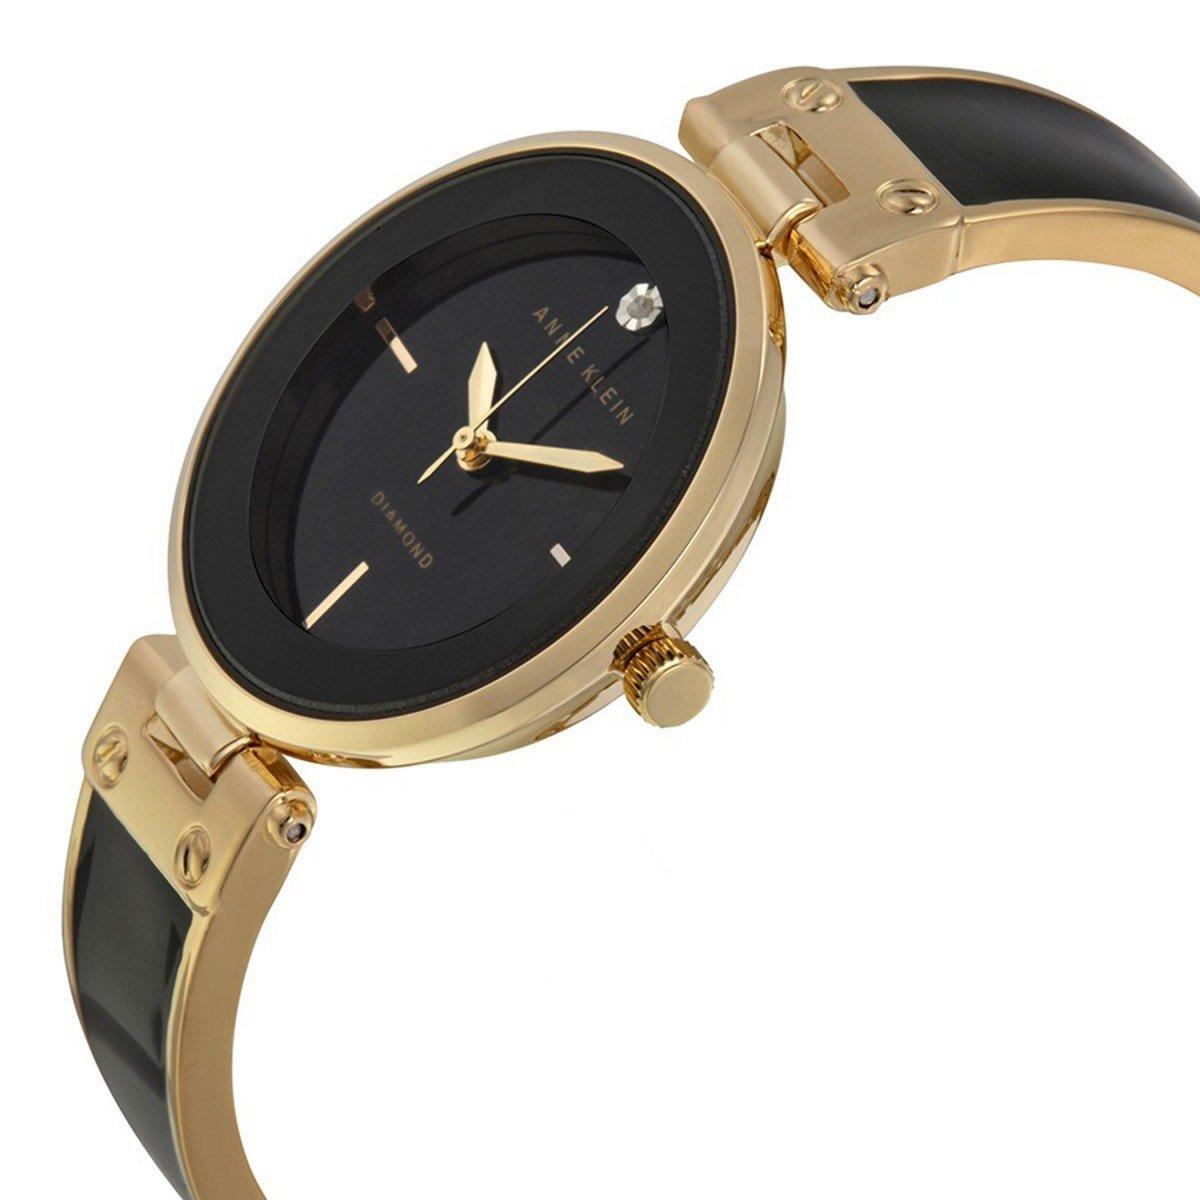 Выбрать и купить женские часы вы можете в нашем интернет-магазине из широкого ассортимента.